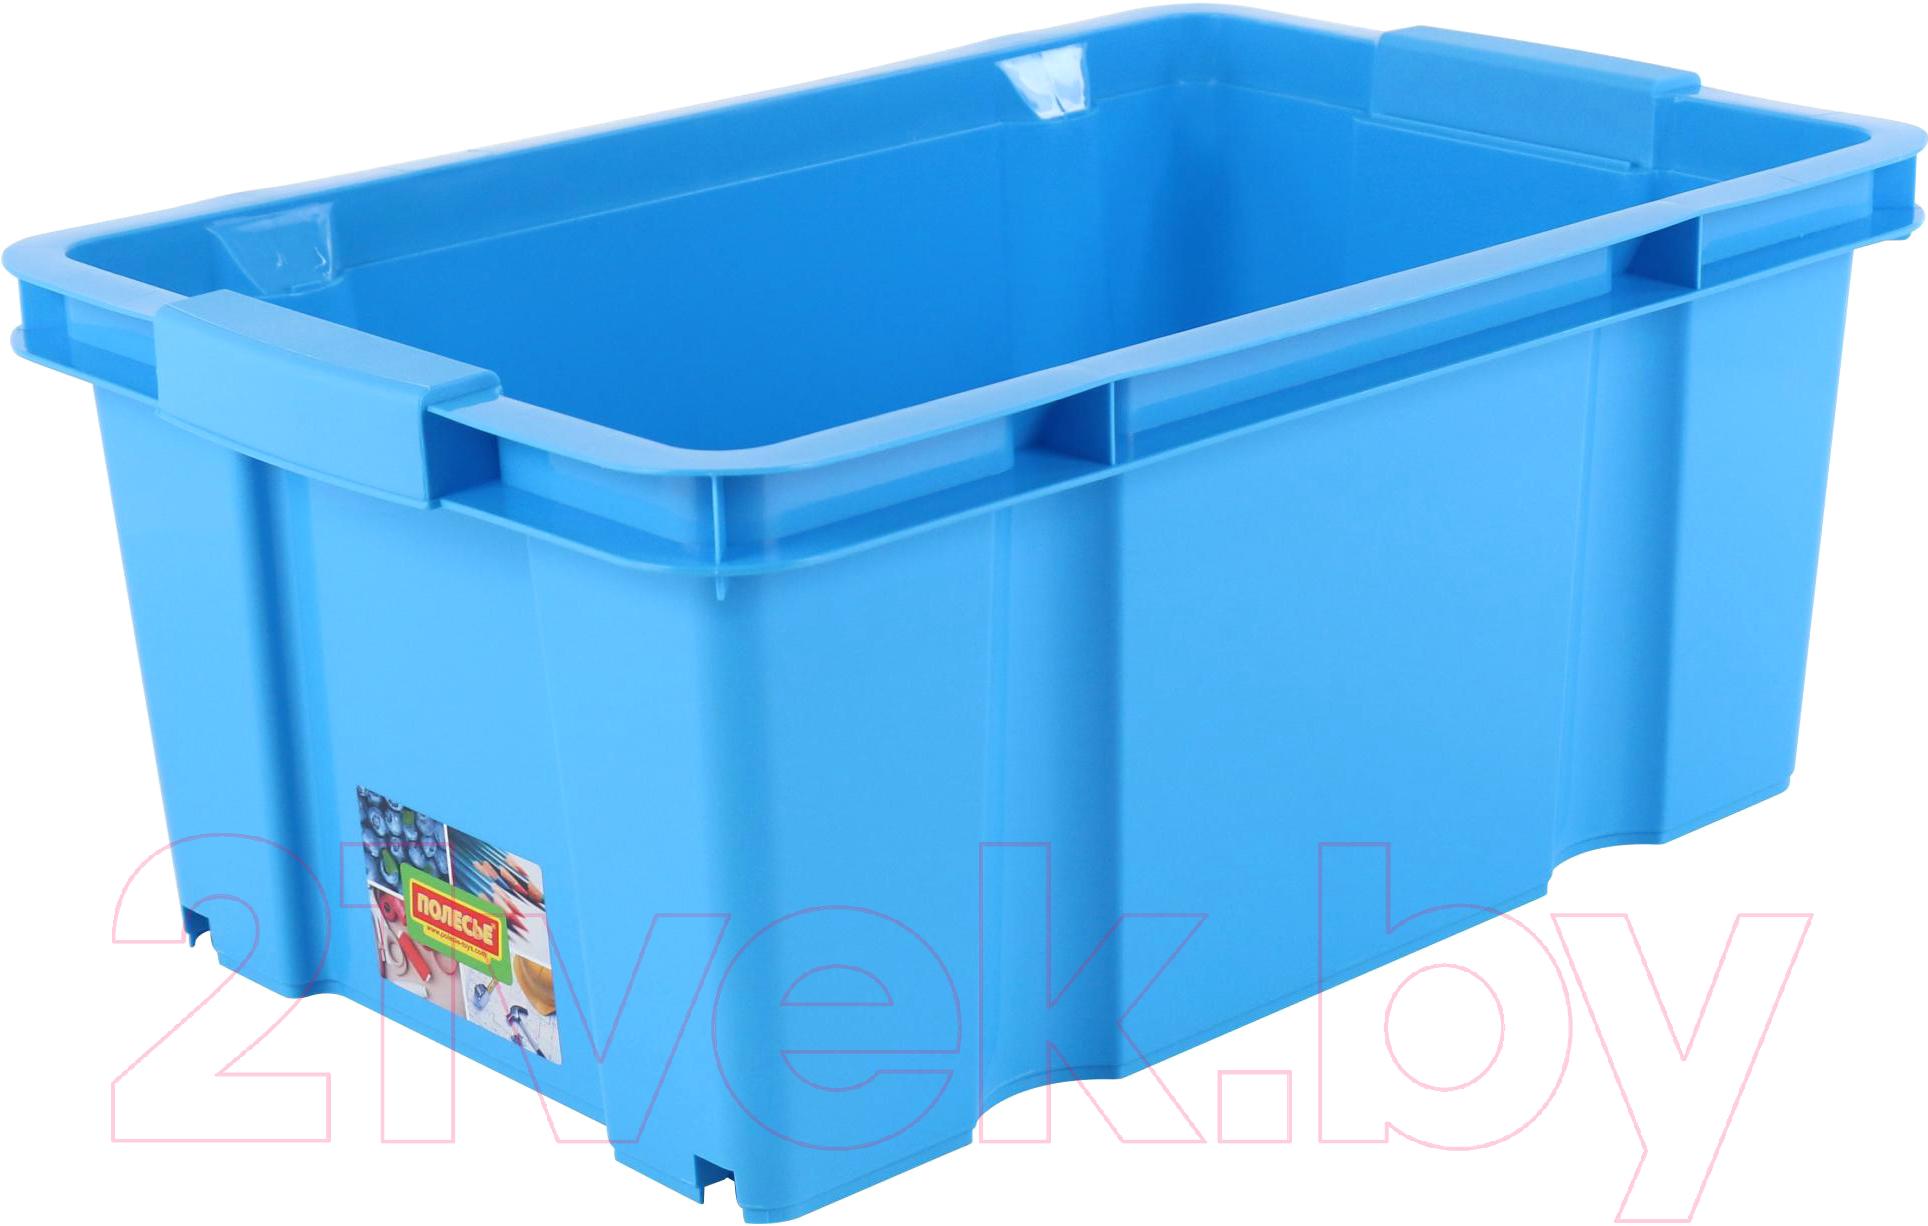 Купить Ящик для хранения Полесье, №51 / 58911, Беларусь, пластик